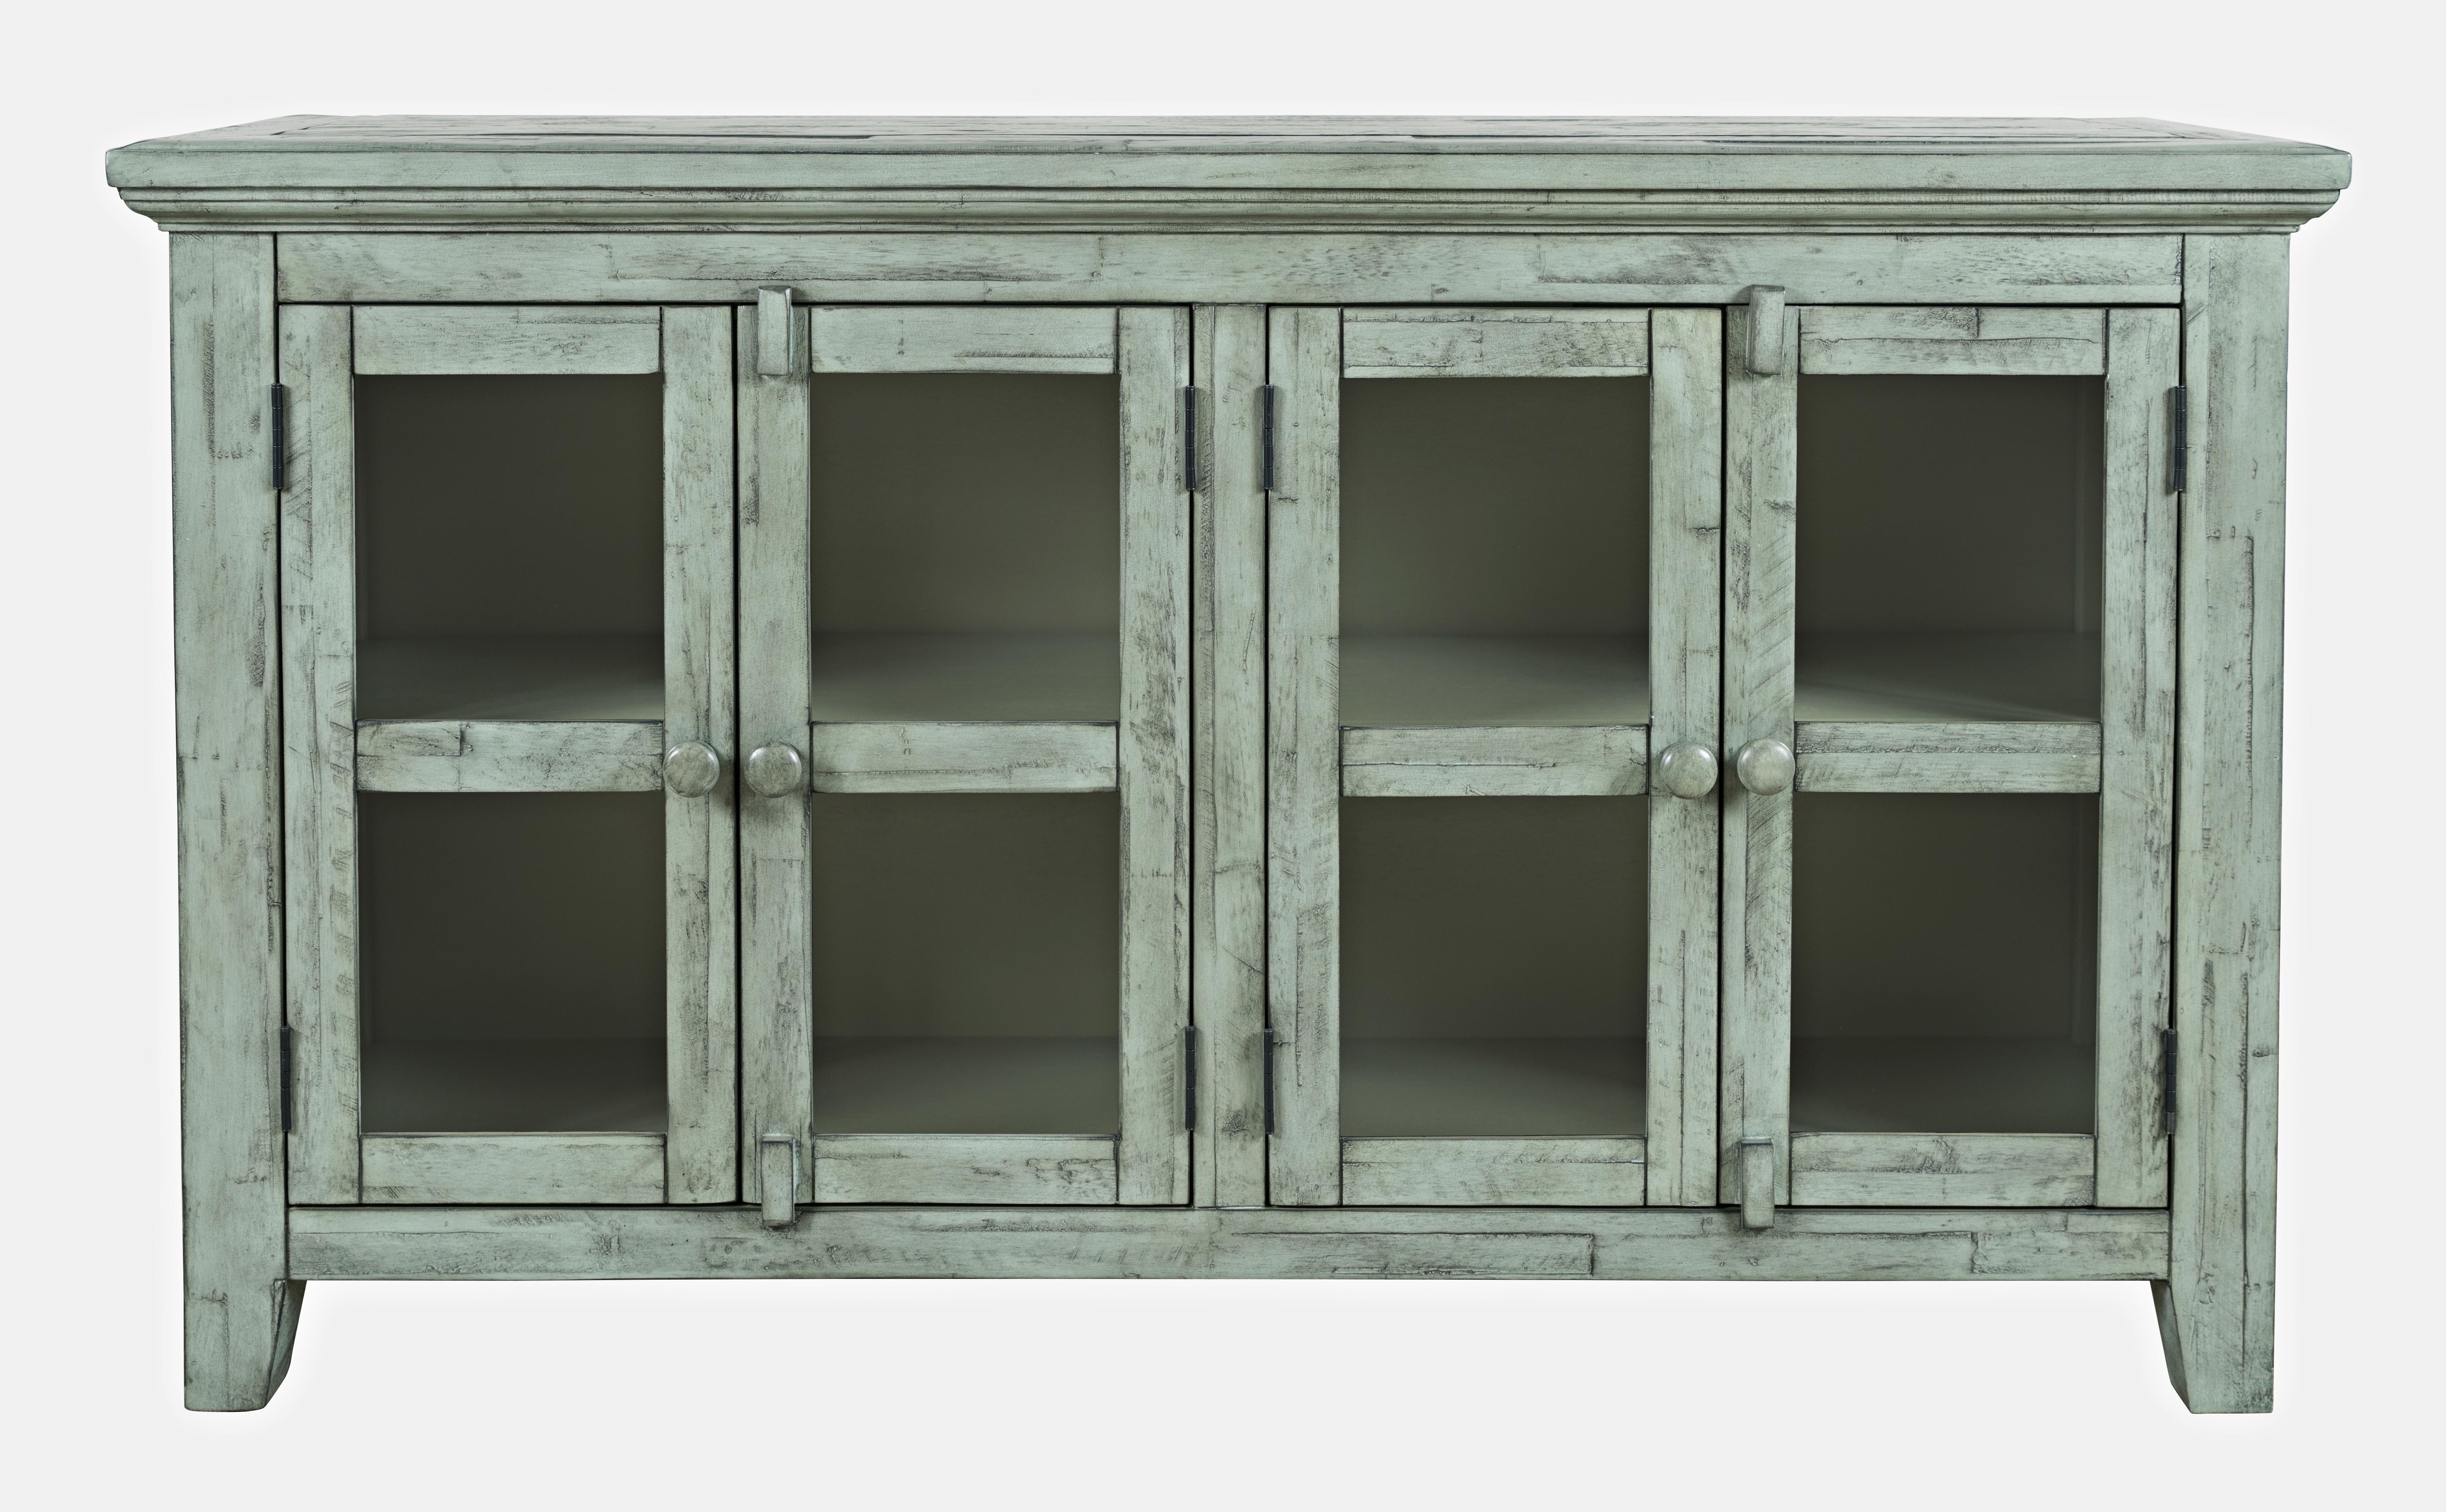 Rustic Shores 4 Door Low Cabinet by Jofran at Jofran